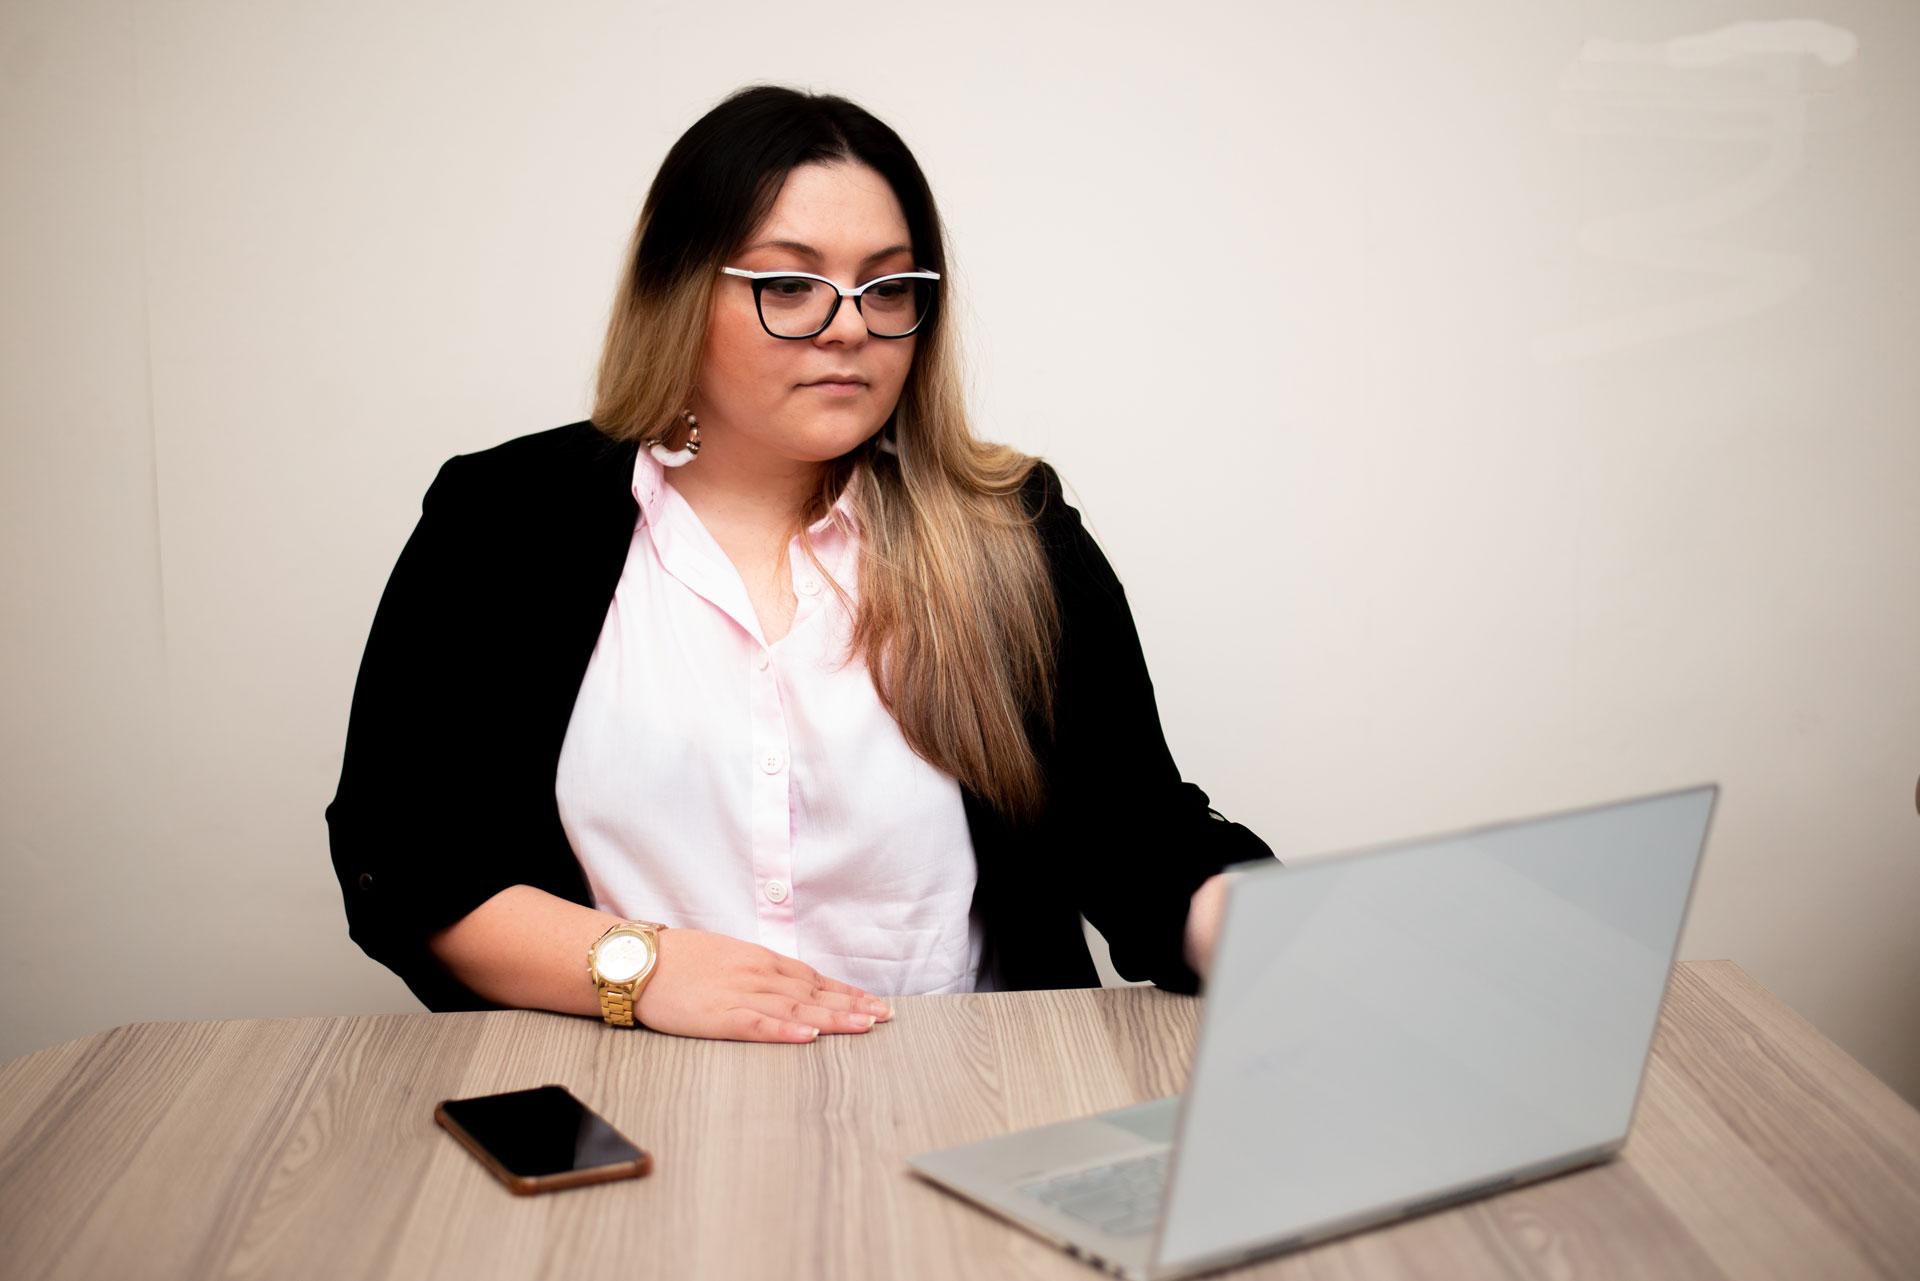 Інтерв'ю: Мері Джанглевадзе з Max Express про лояльність клієнтів до готівки, коронакризу та фінансовий ринок Грузії